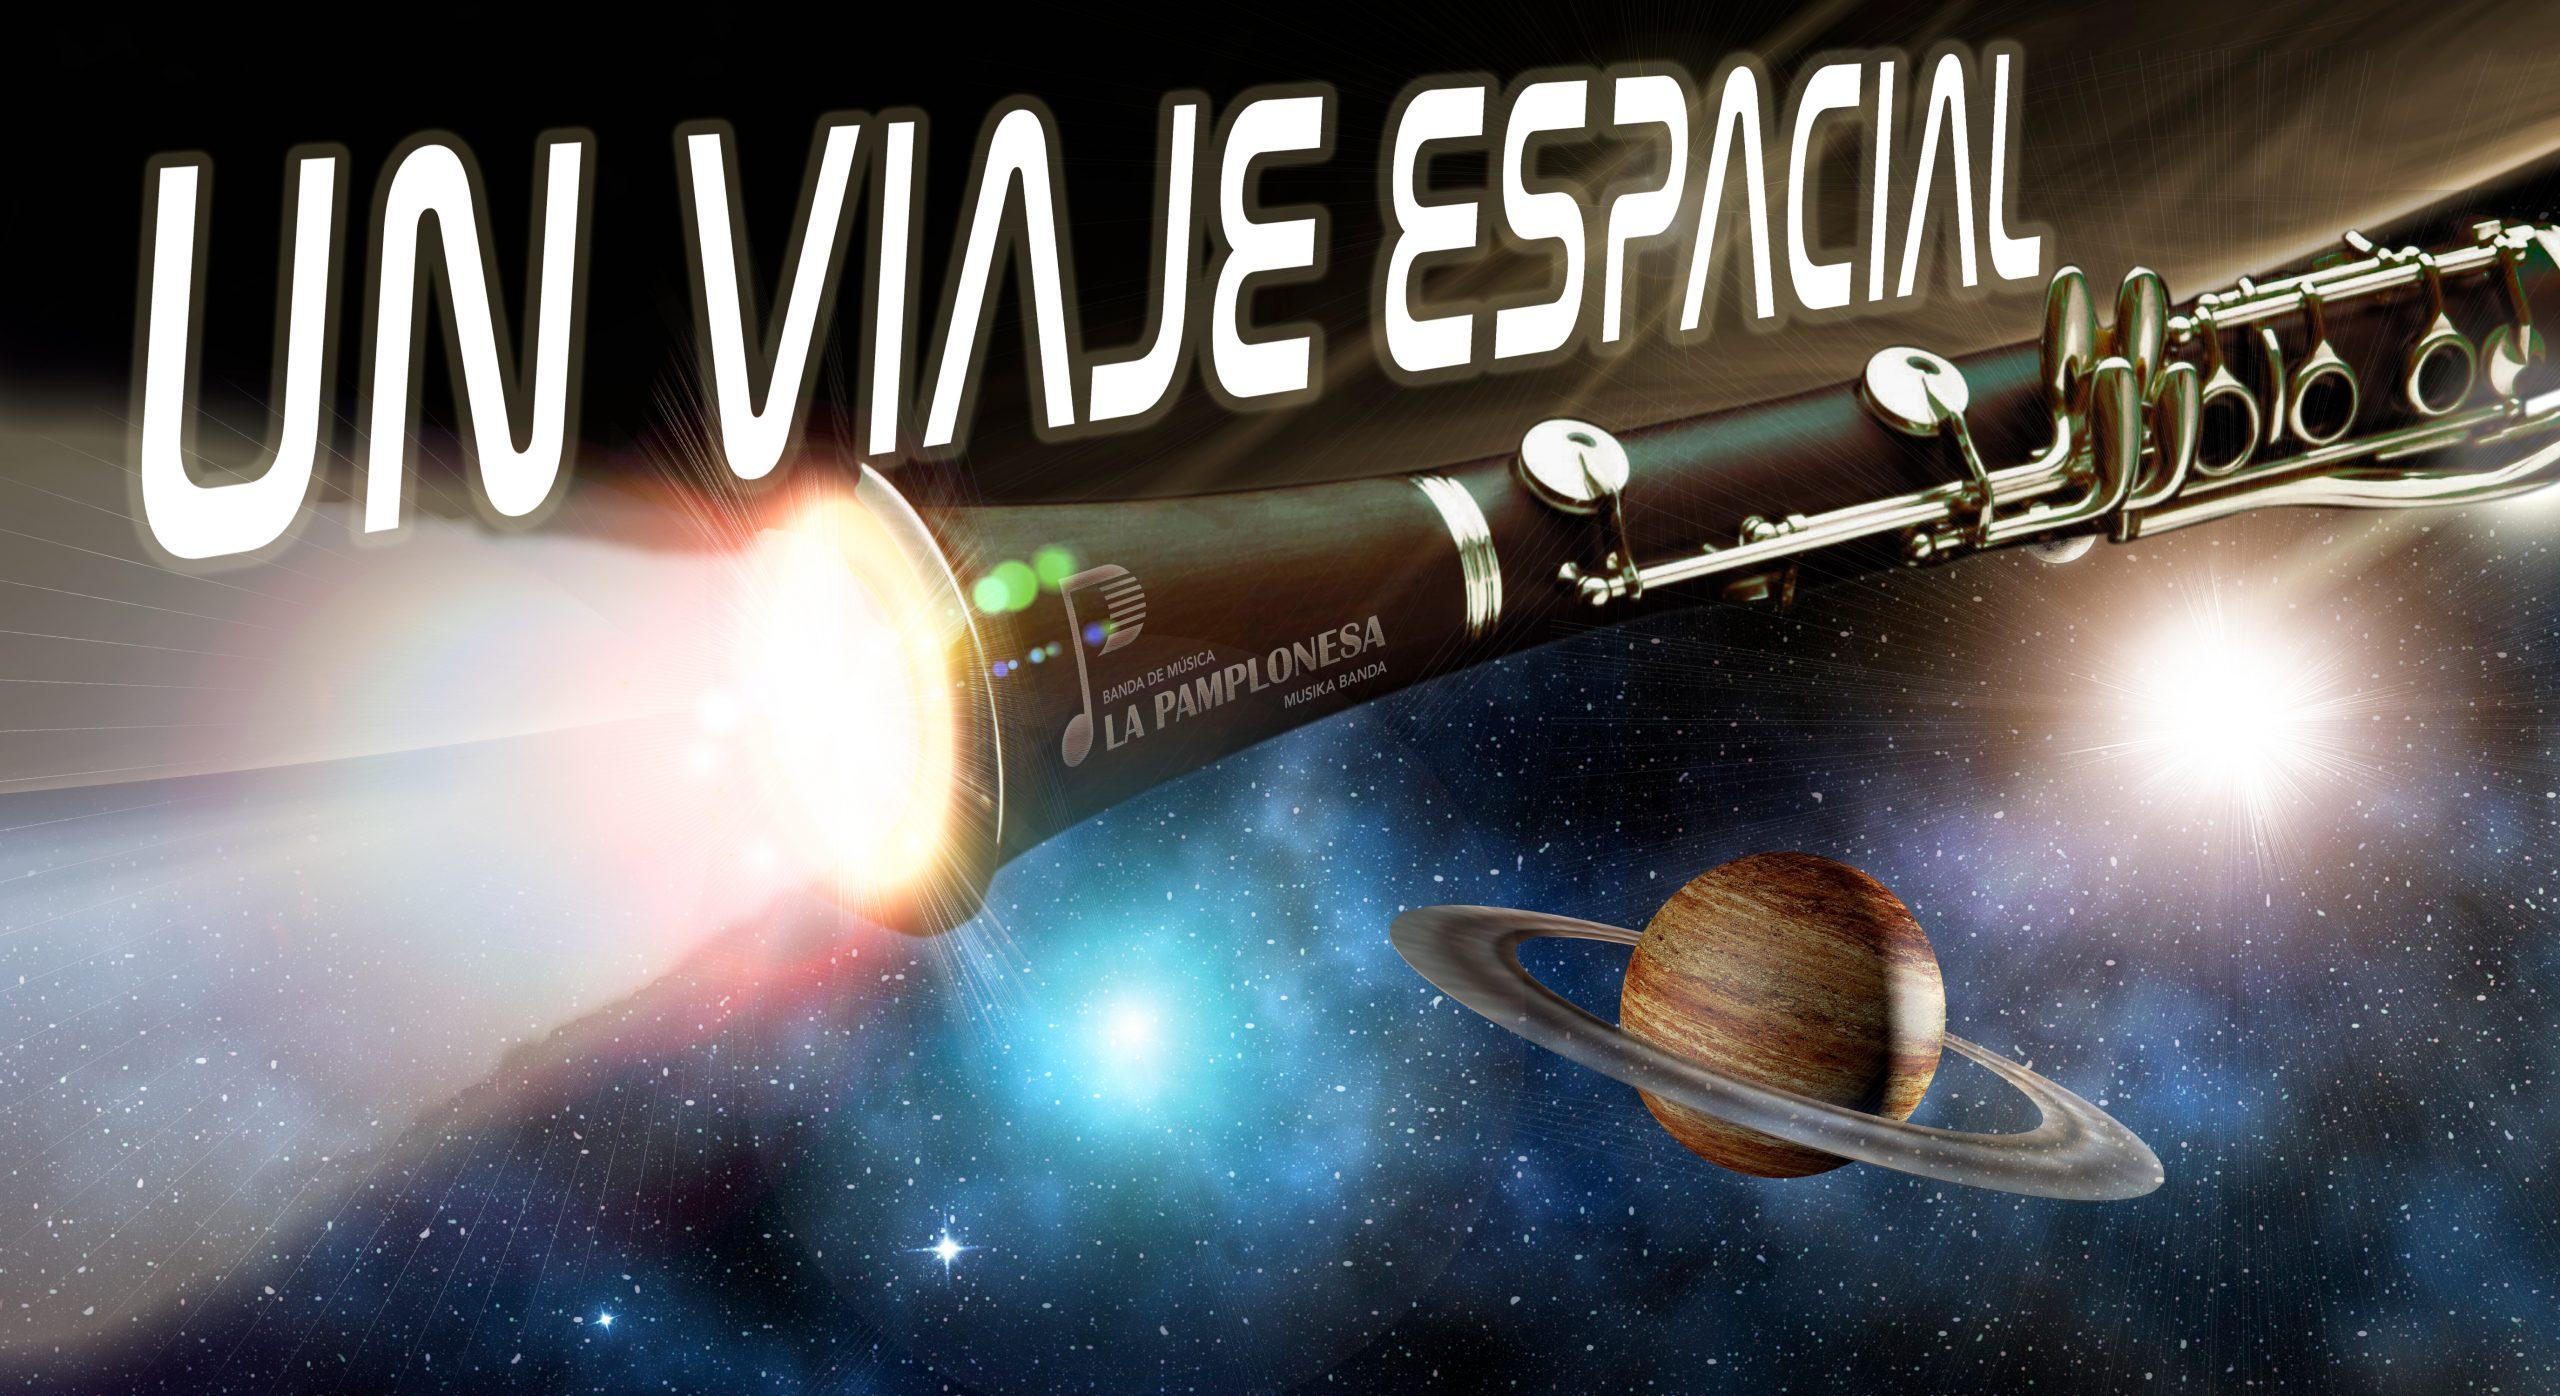 Un viaje espacial_La Pamplonesa